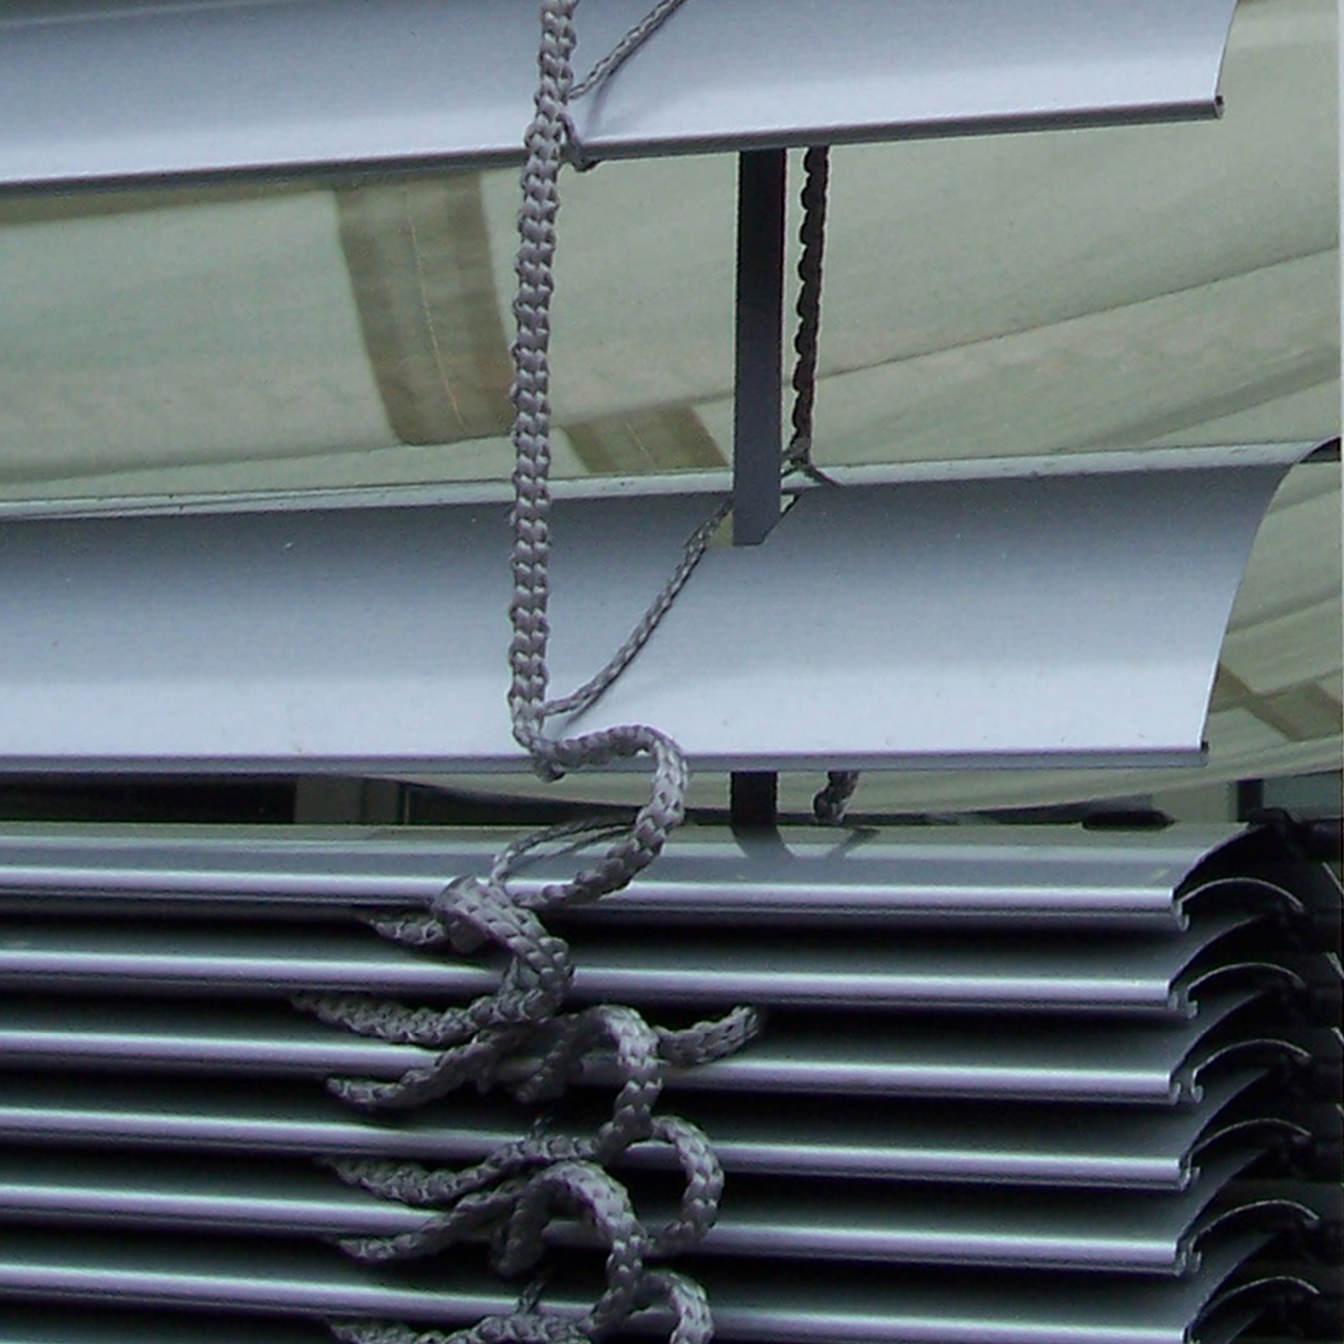 Das Foto zeigt Raffstoren-Jalousien von außen in Nahaufnahme.